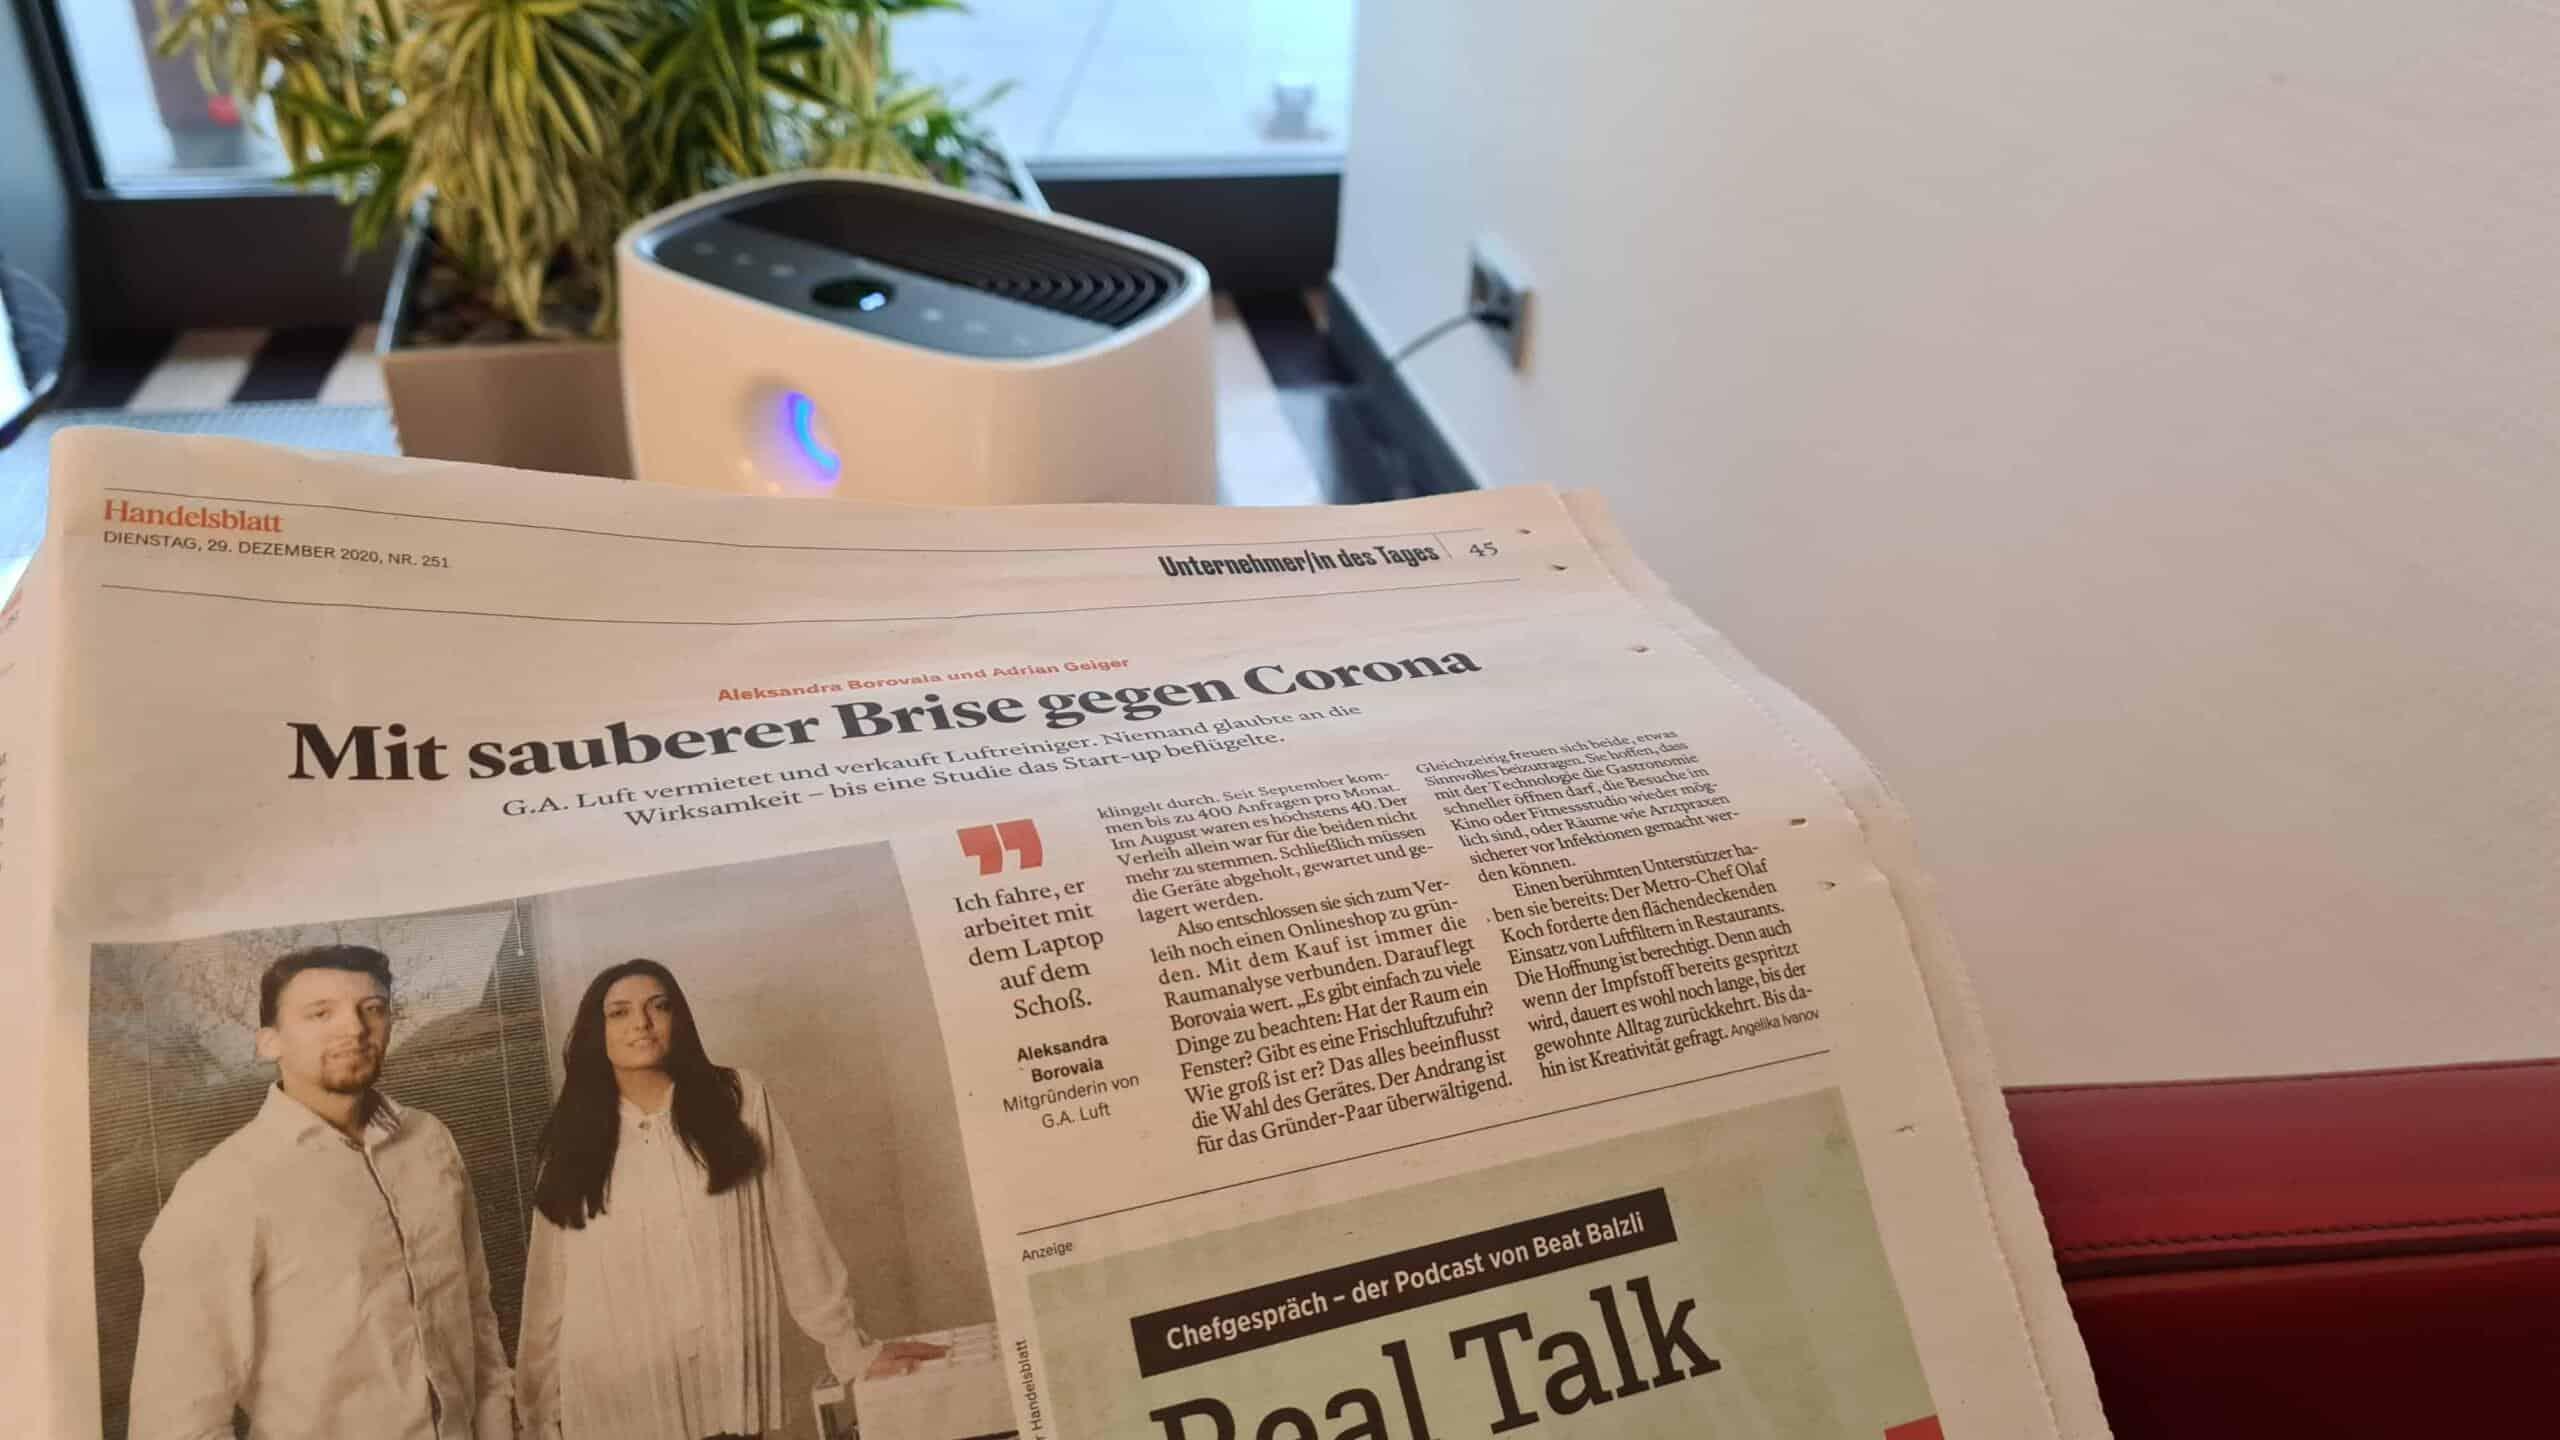 Handelsblatt Online - Luftreiniger - G.A.Luft Artikel - im Hintergrund Philips AC2889/10 - Testsieger Stiftung Warentest